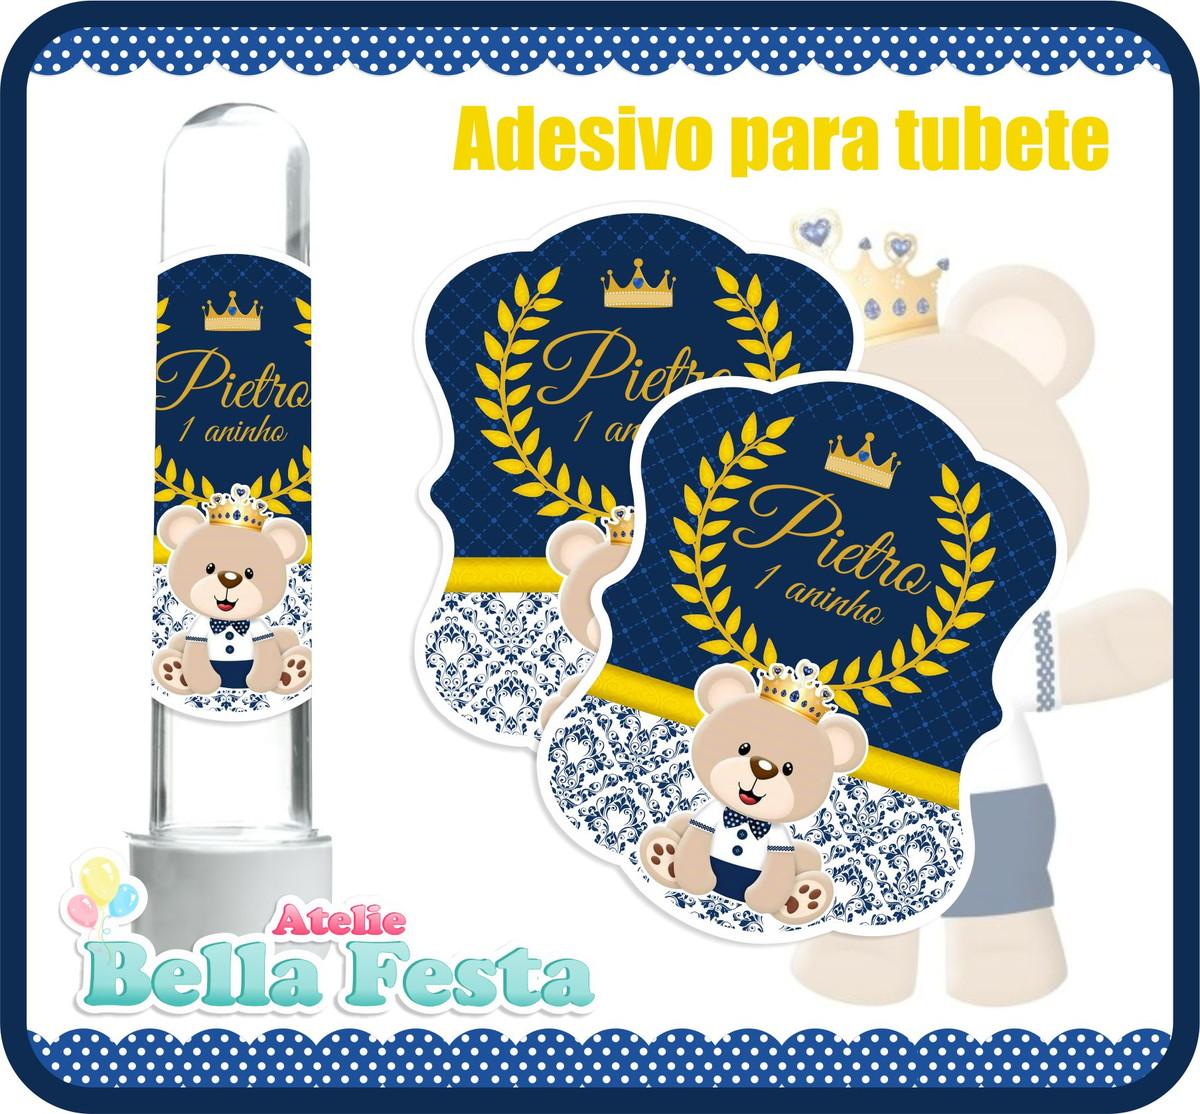 Armario Hemnes Amarillo ~ Adesivo para Tubete no Elo7 Atelie Bella Festa (97B0EE)